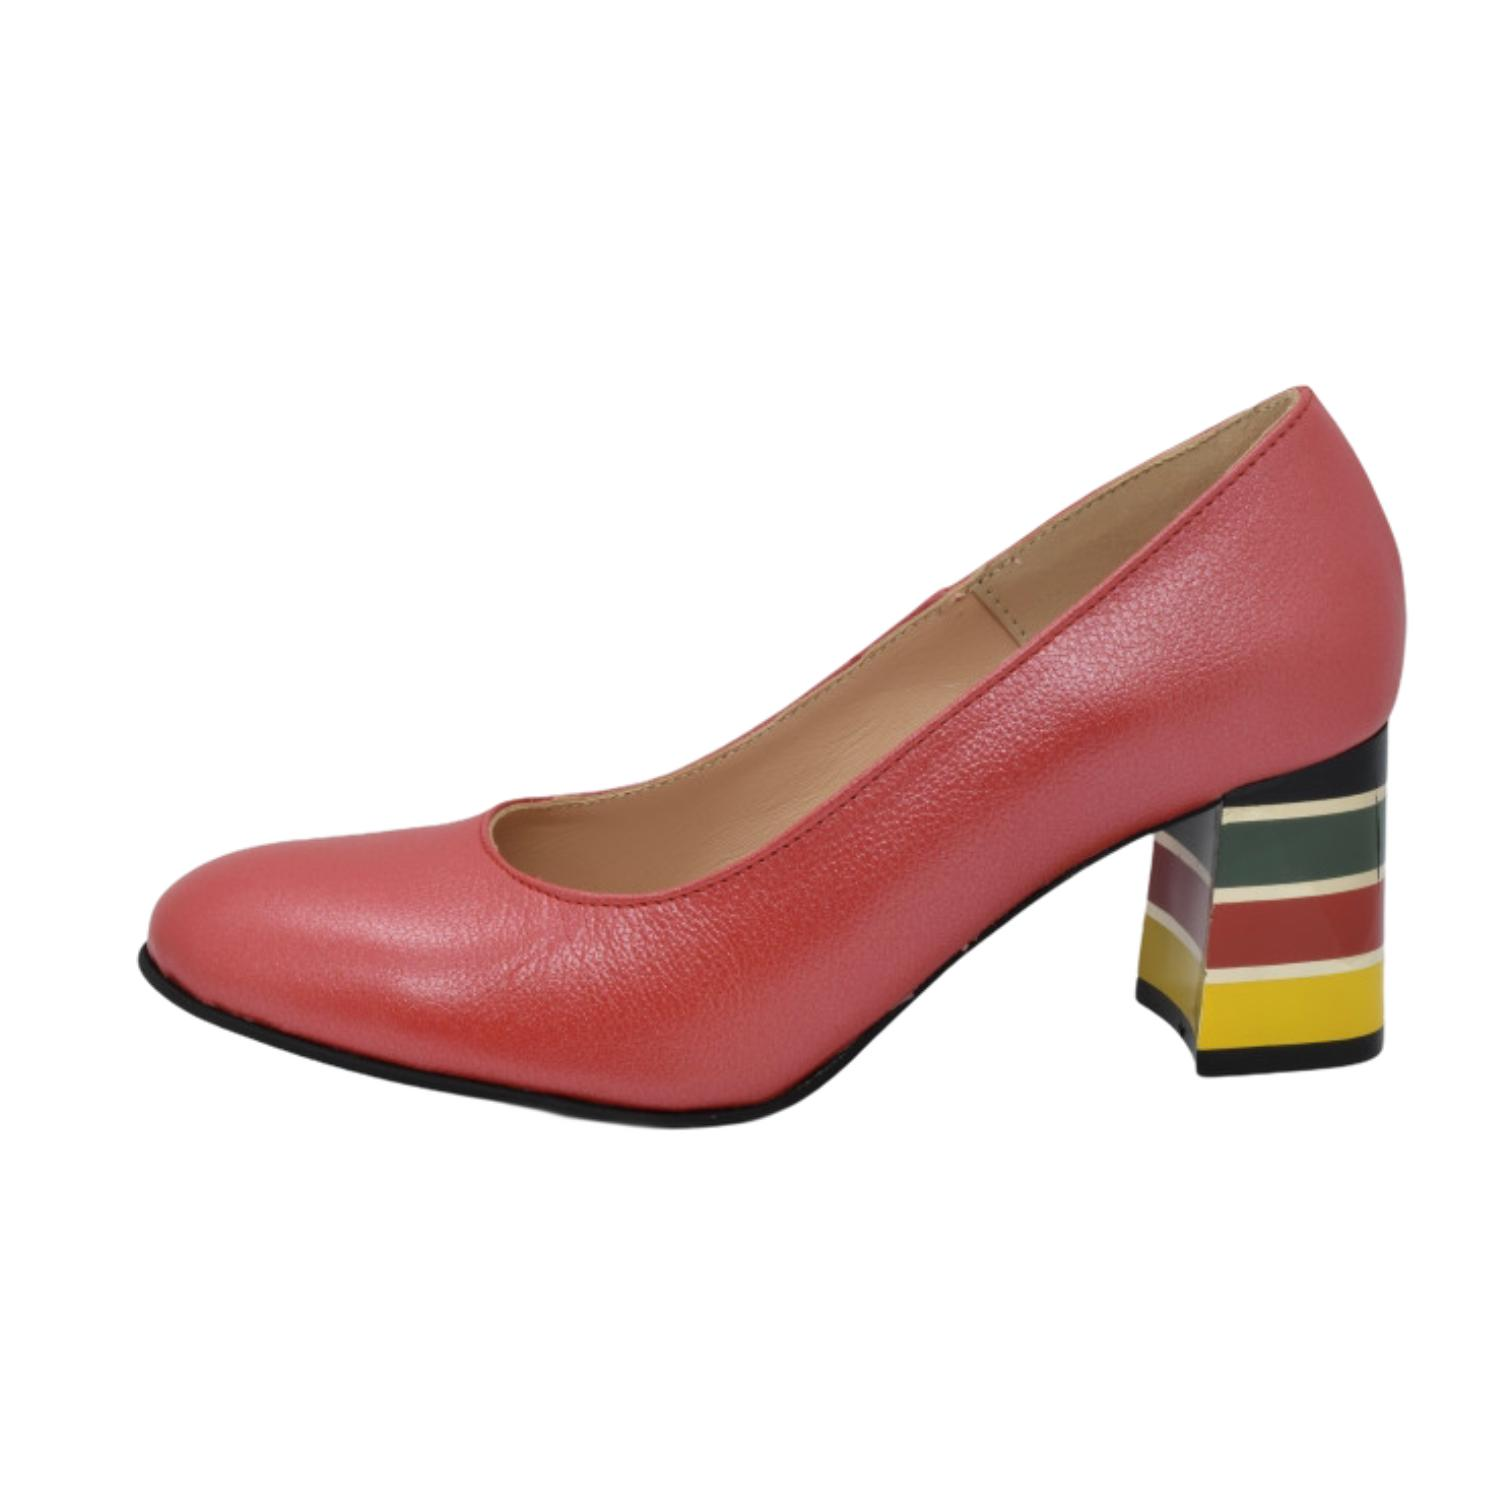 Pantofi rosii cu toc colorat